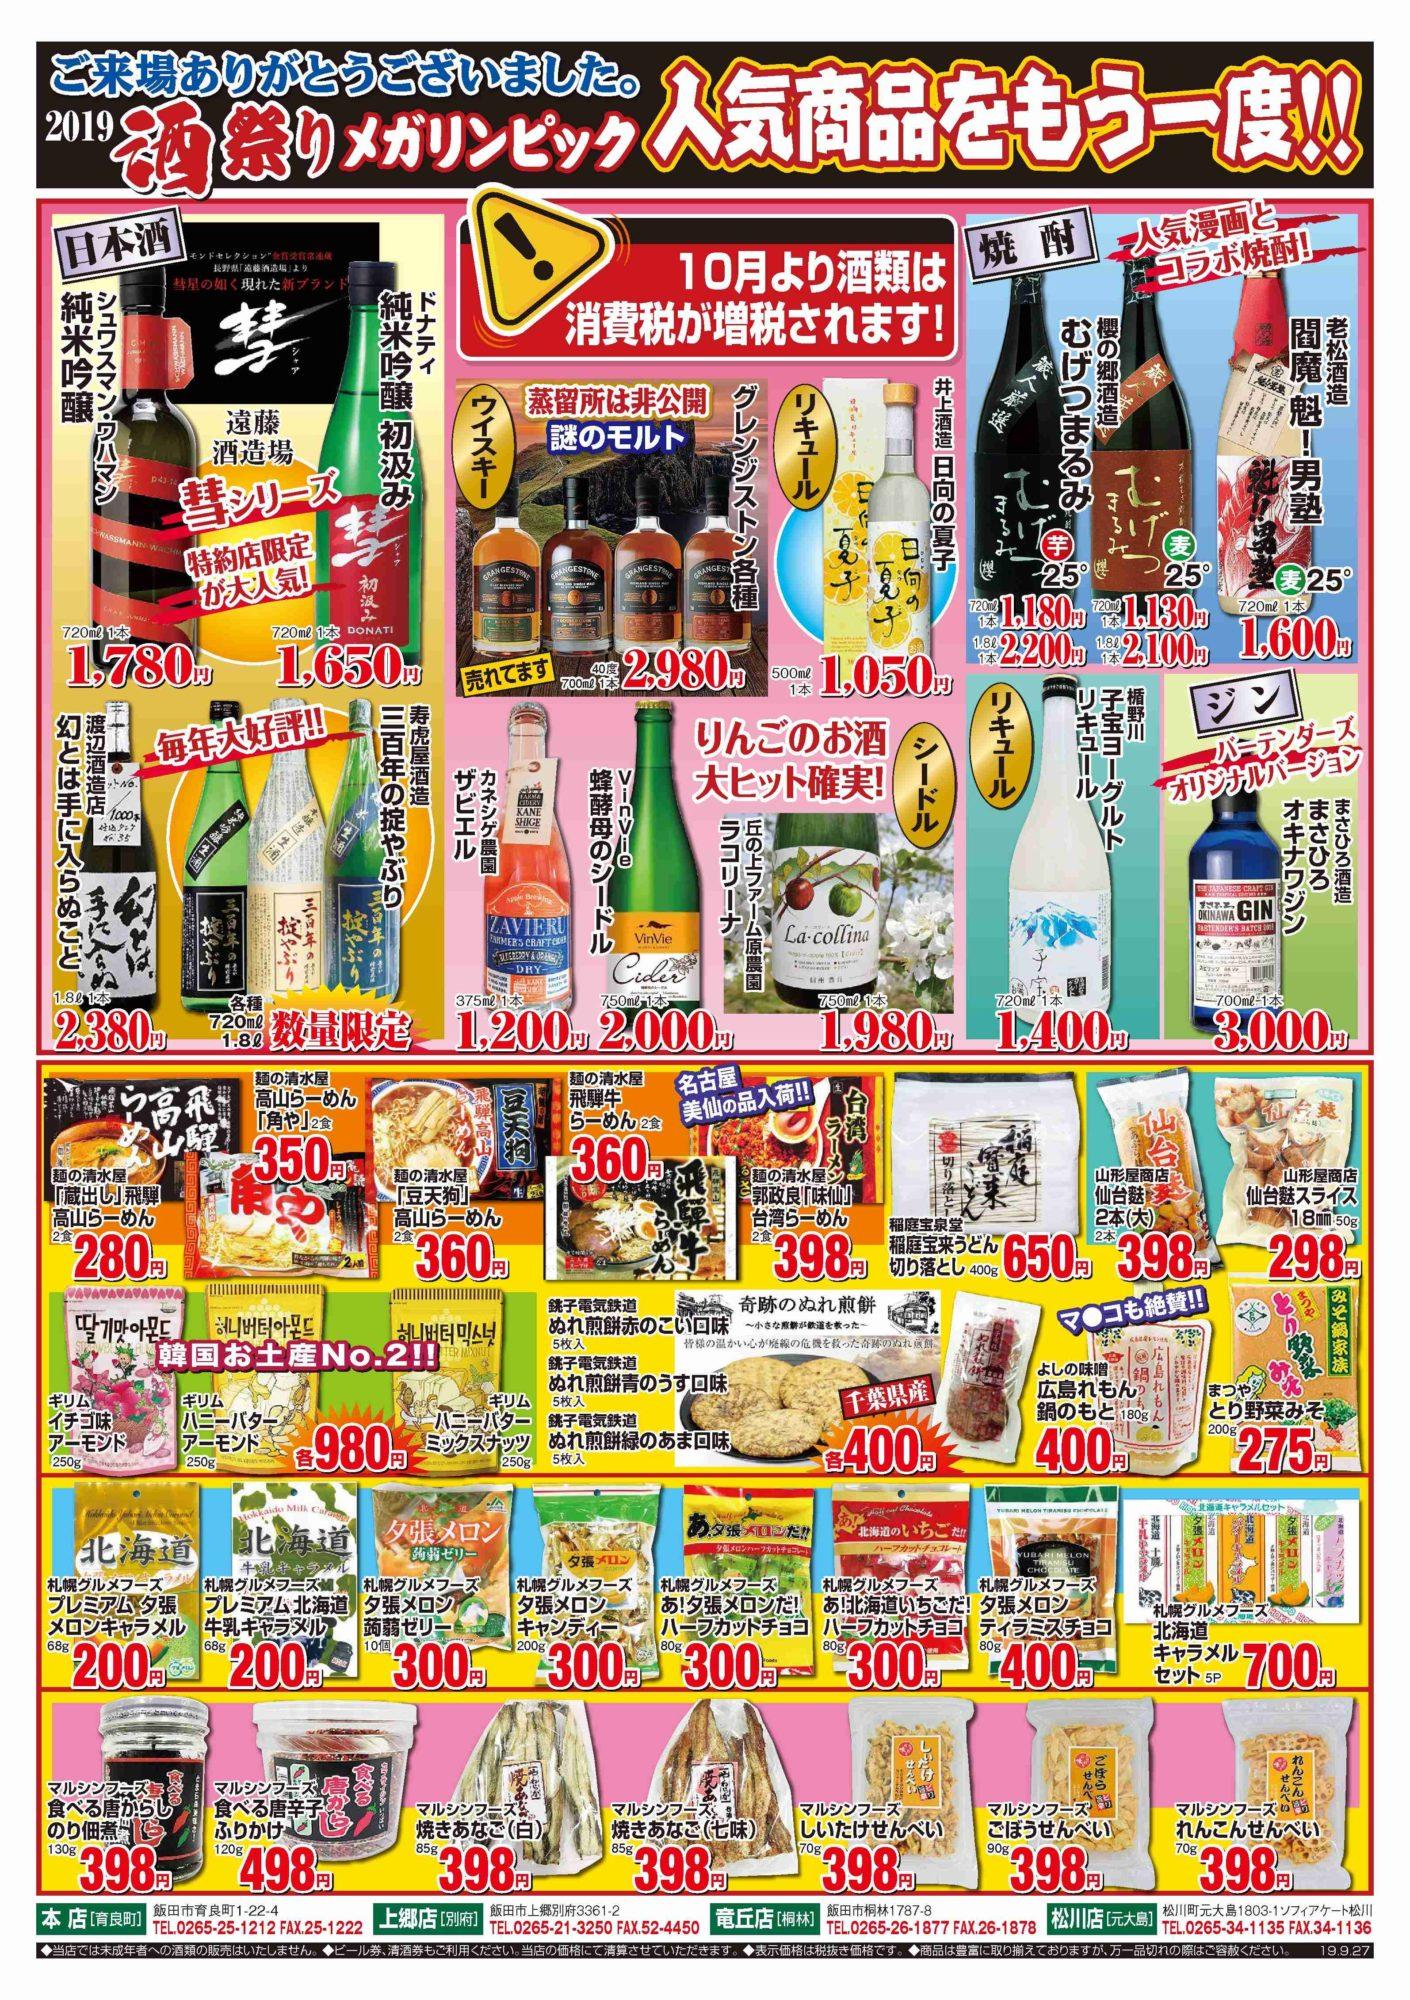 2019年9月27日折込広告(裏面)